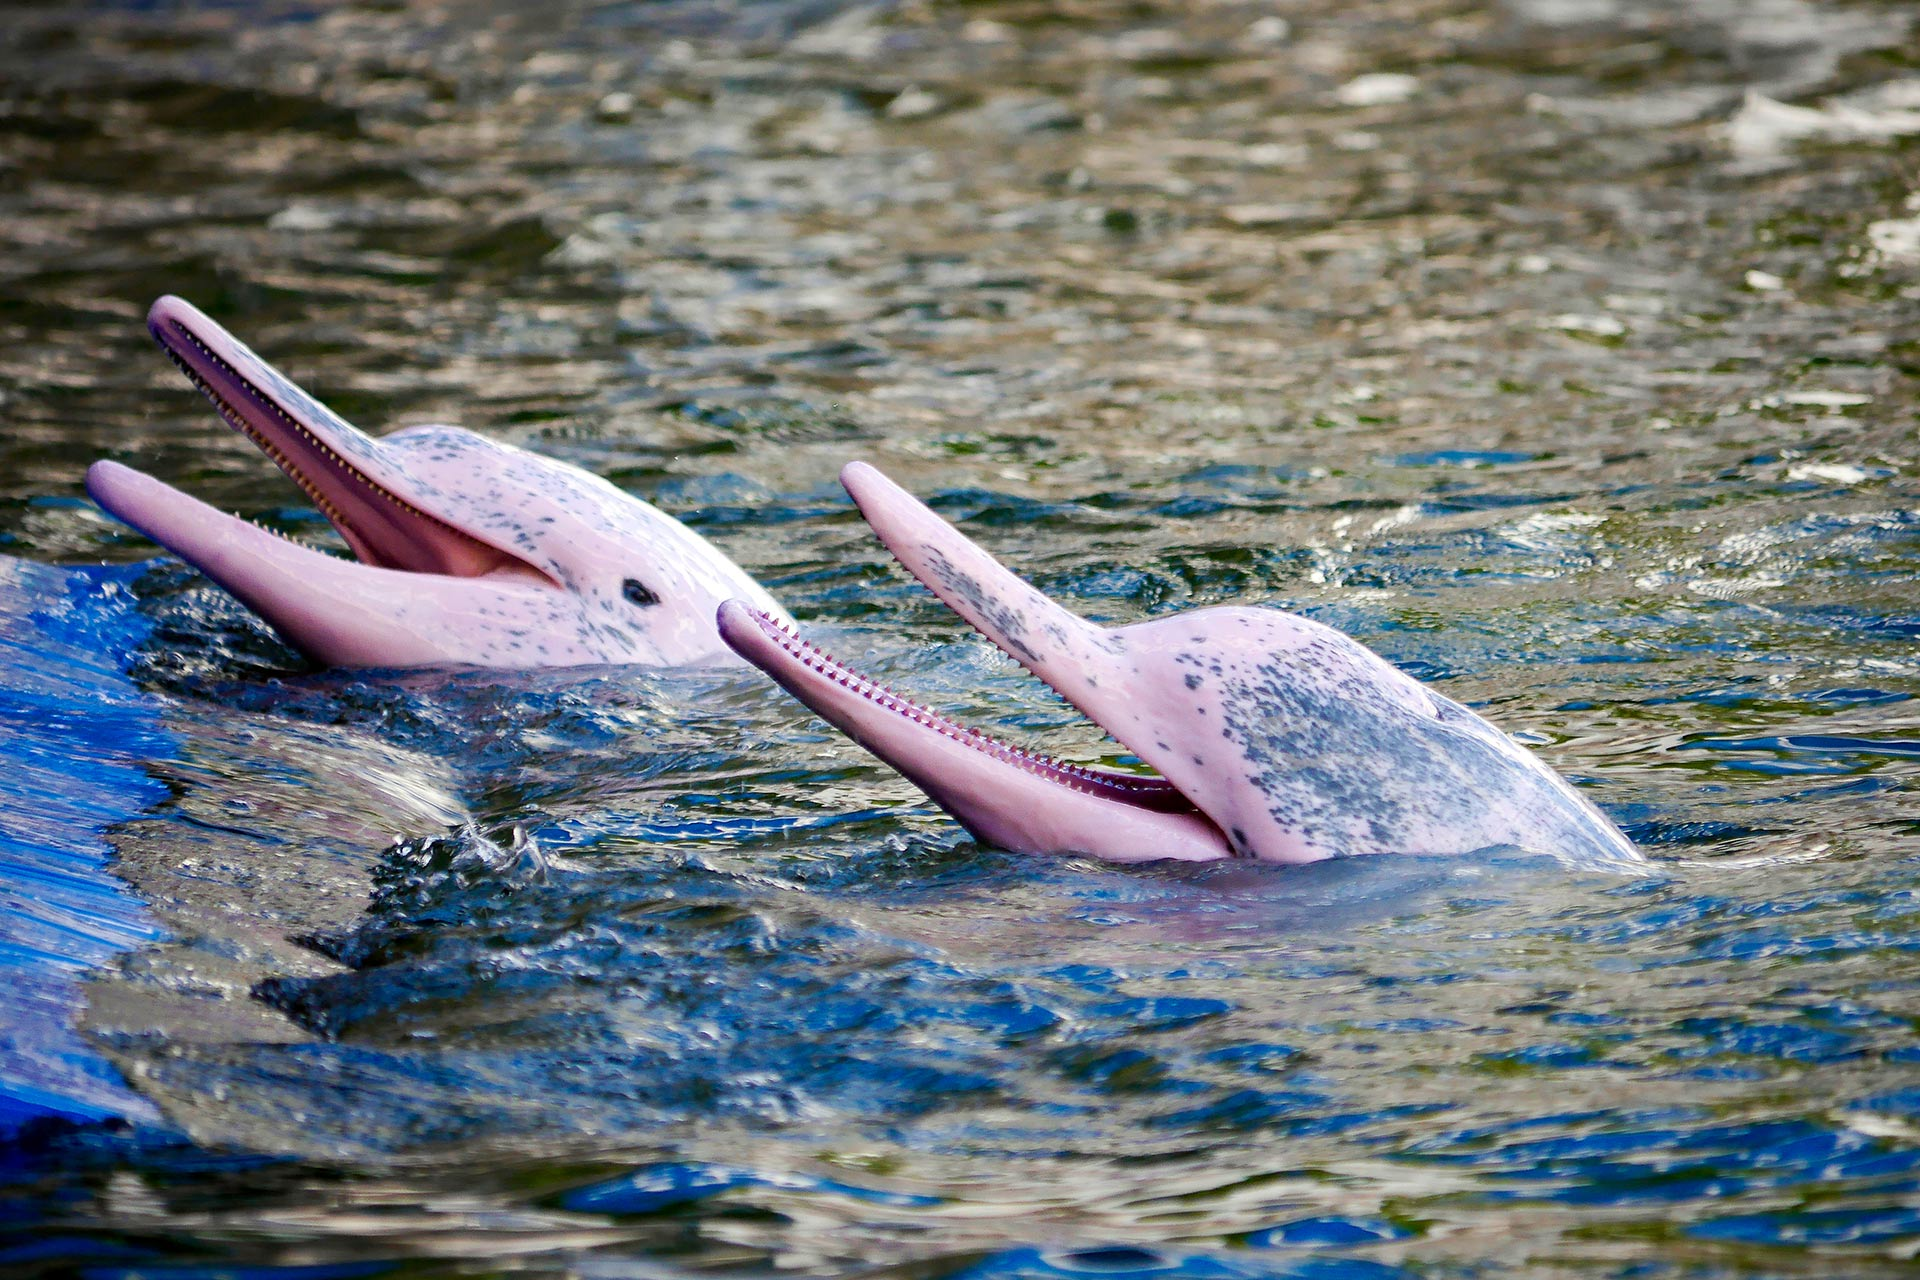 картинки розовых дельфинов получившуюся смесь яиц